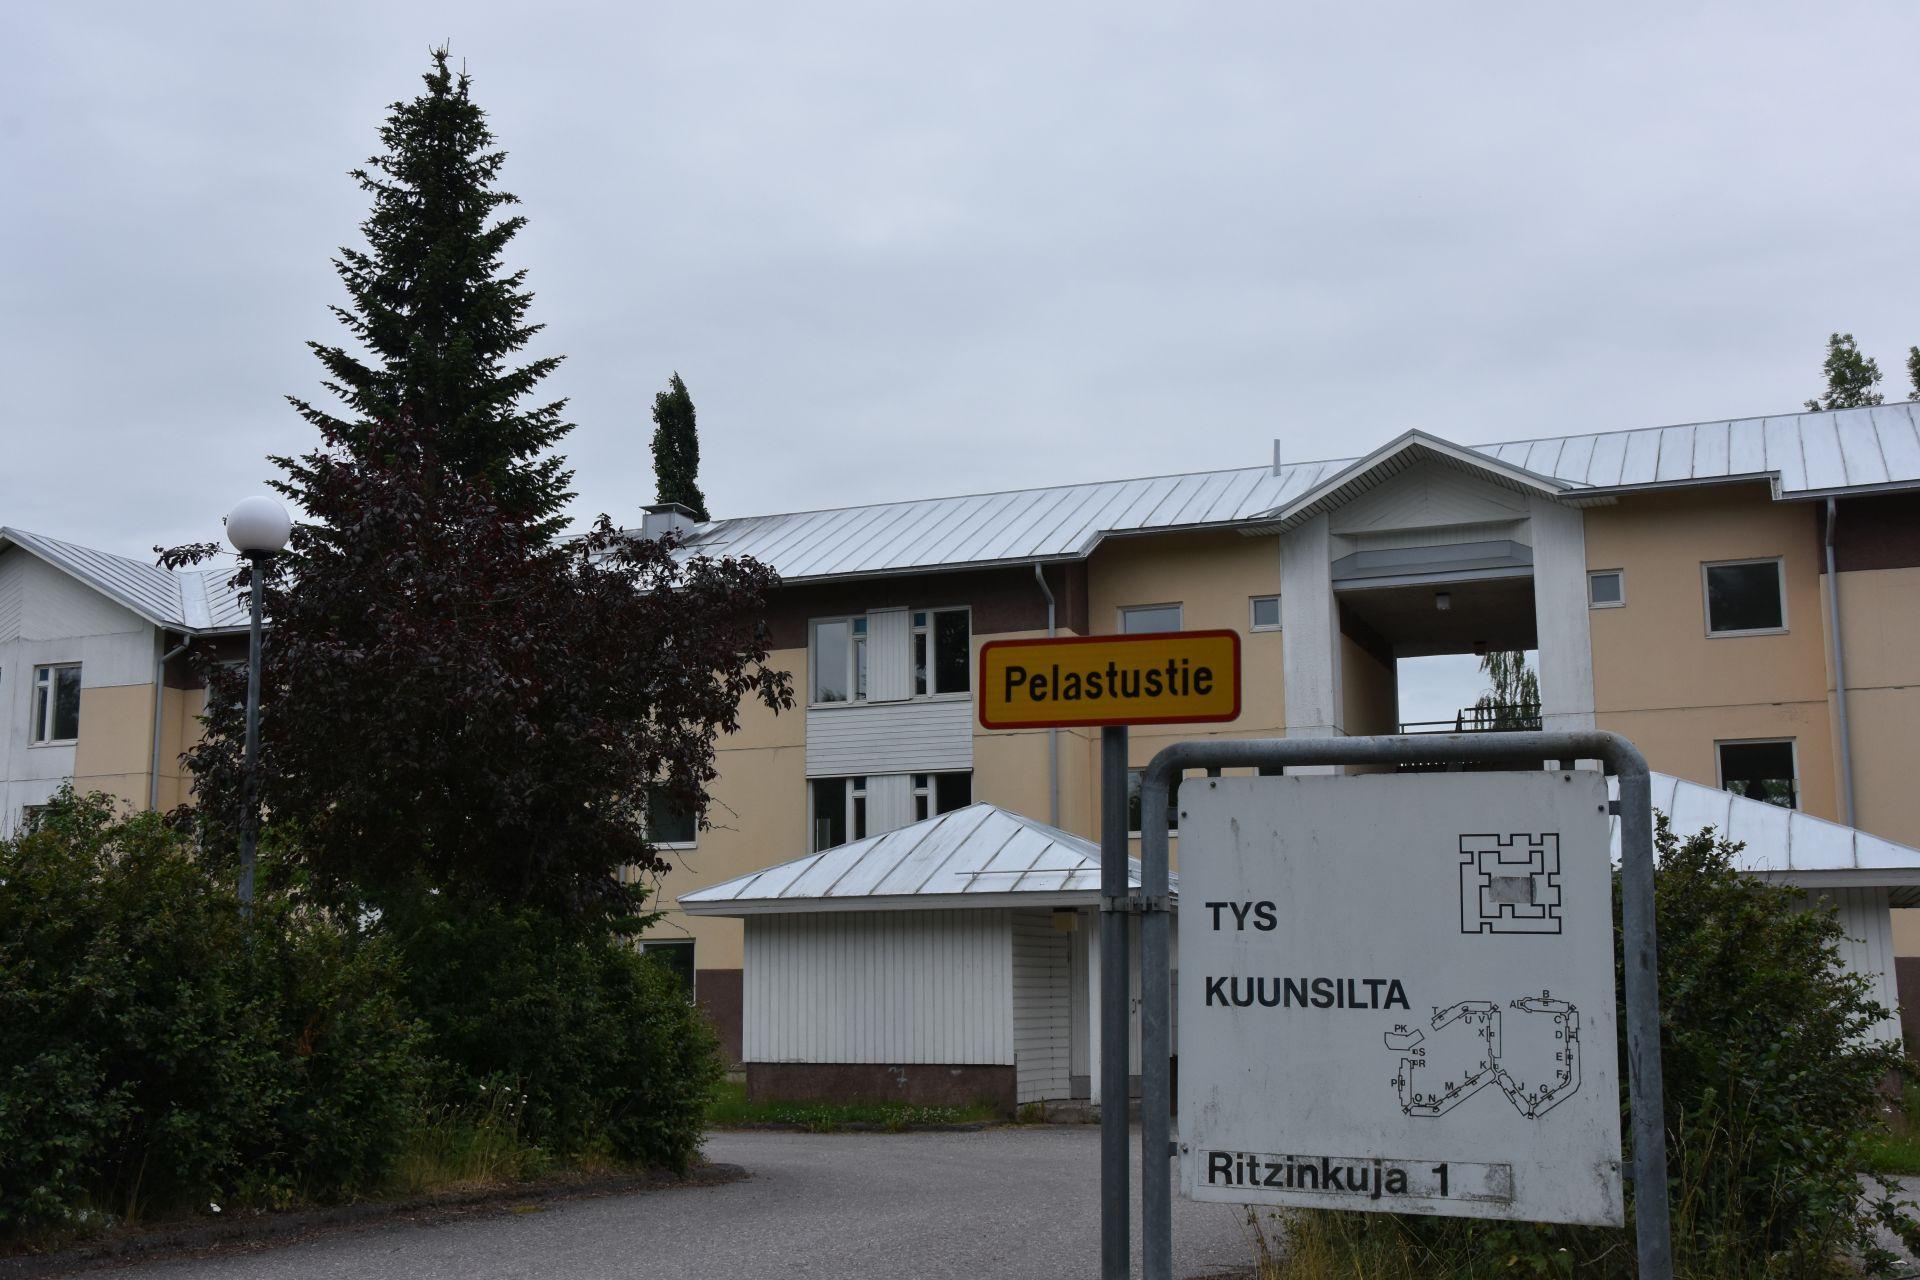 En skylt med en karta över Kuunsilta-bostadskomplexet och Studentbystiftelsens logotyp framför ett trevåningshus.